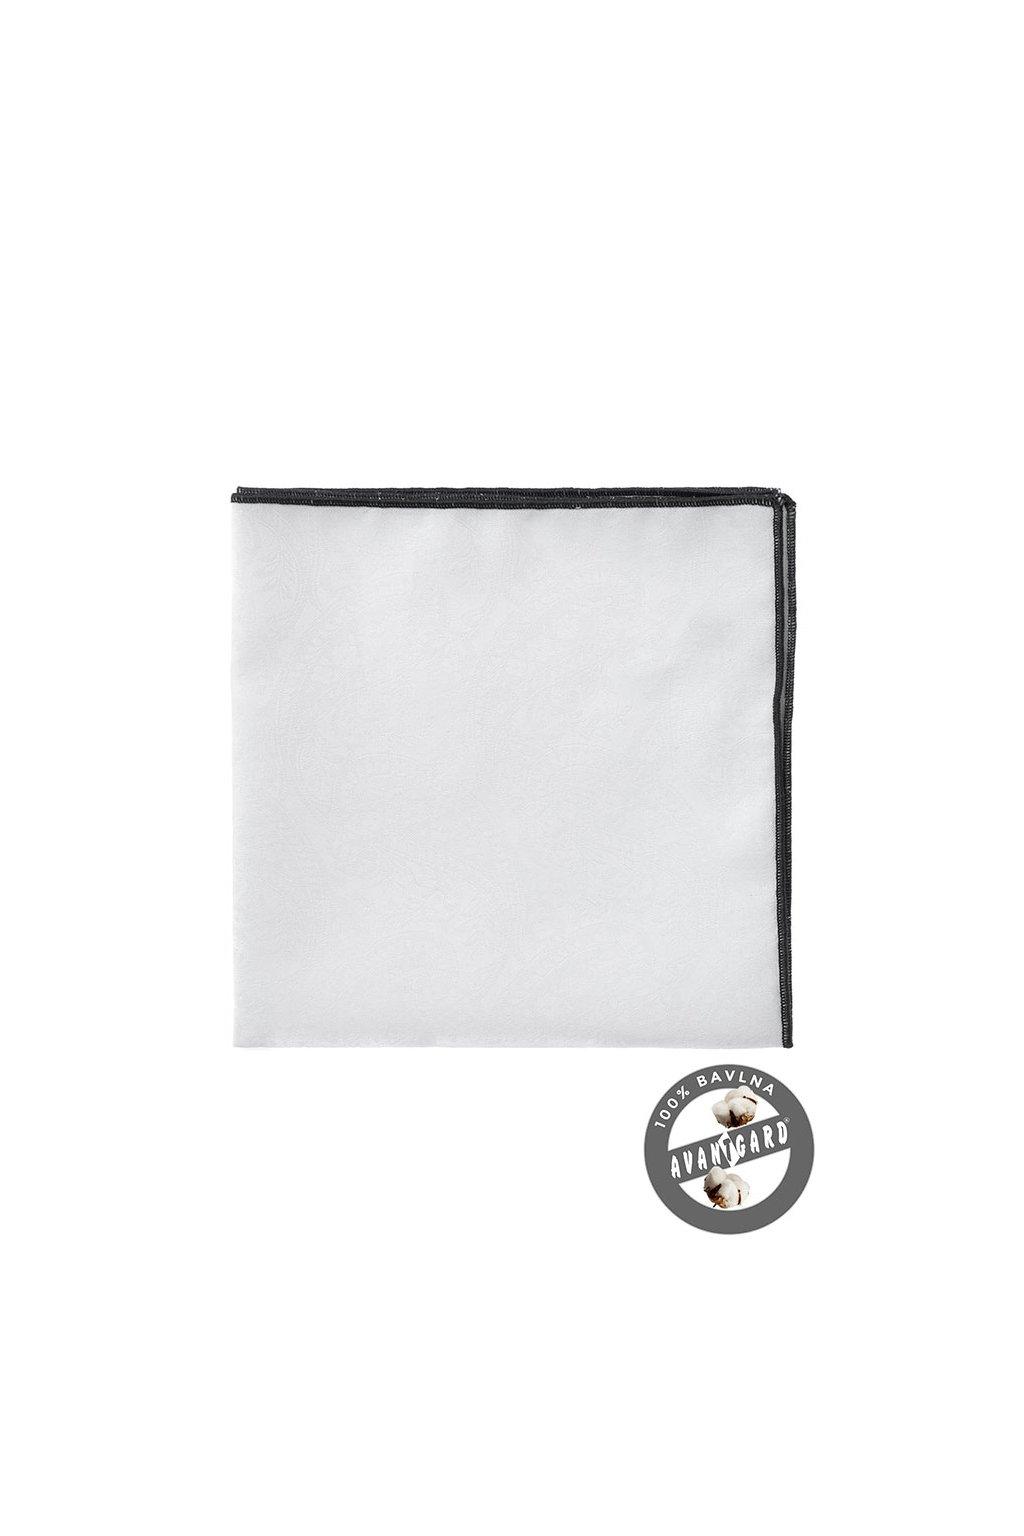 Kapesníček do saka LUX bílá/černá 583 - 5186